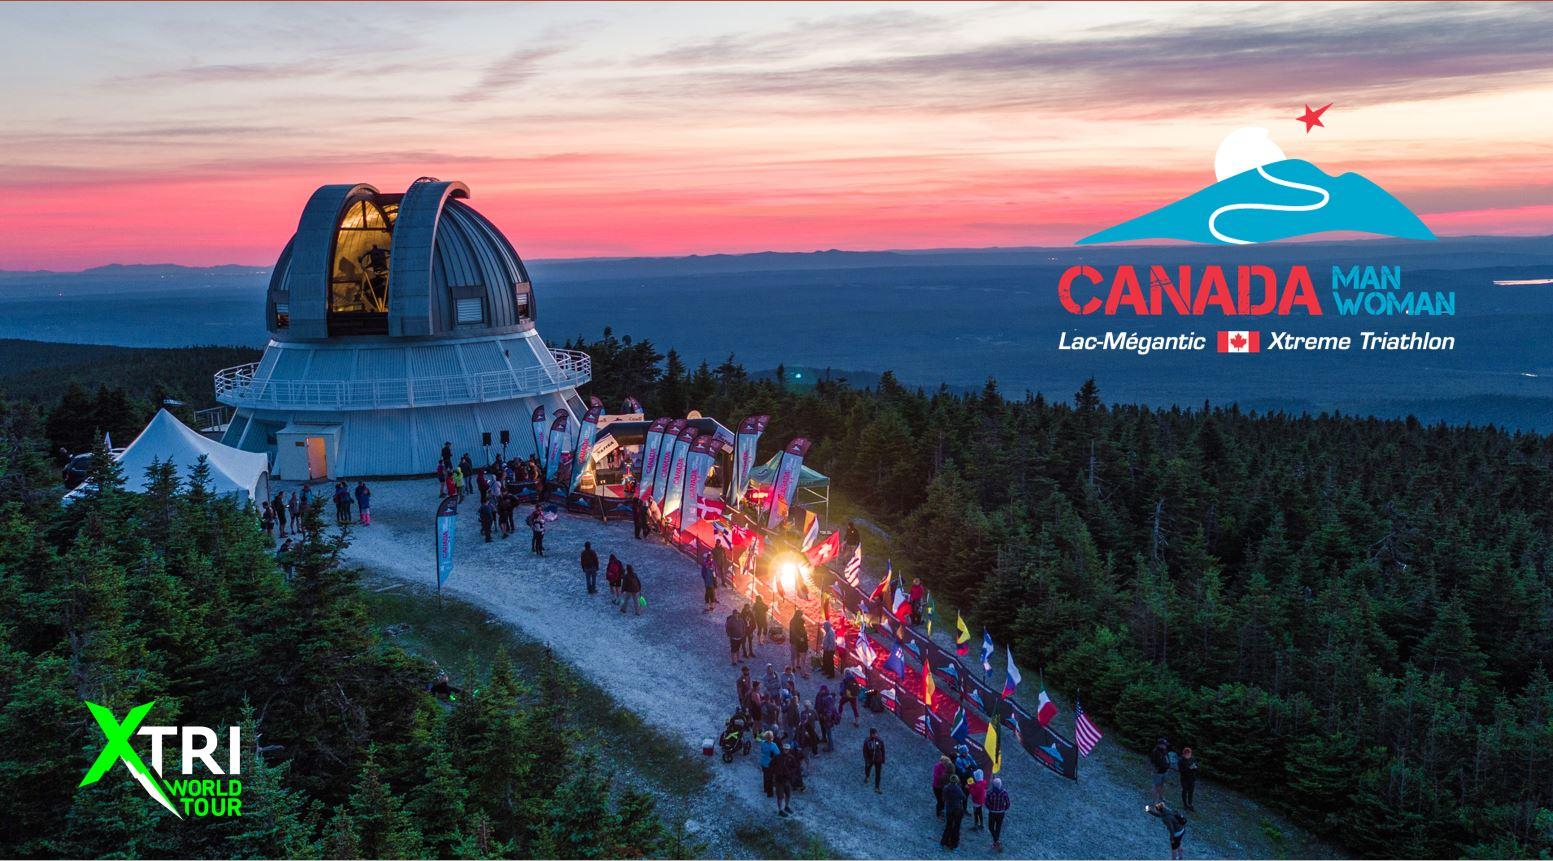 Promoção Canada Man/Woman 2019: inscrição, passagem e hospedagem